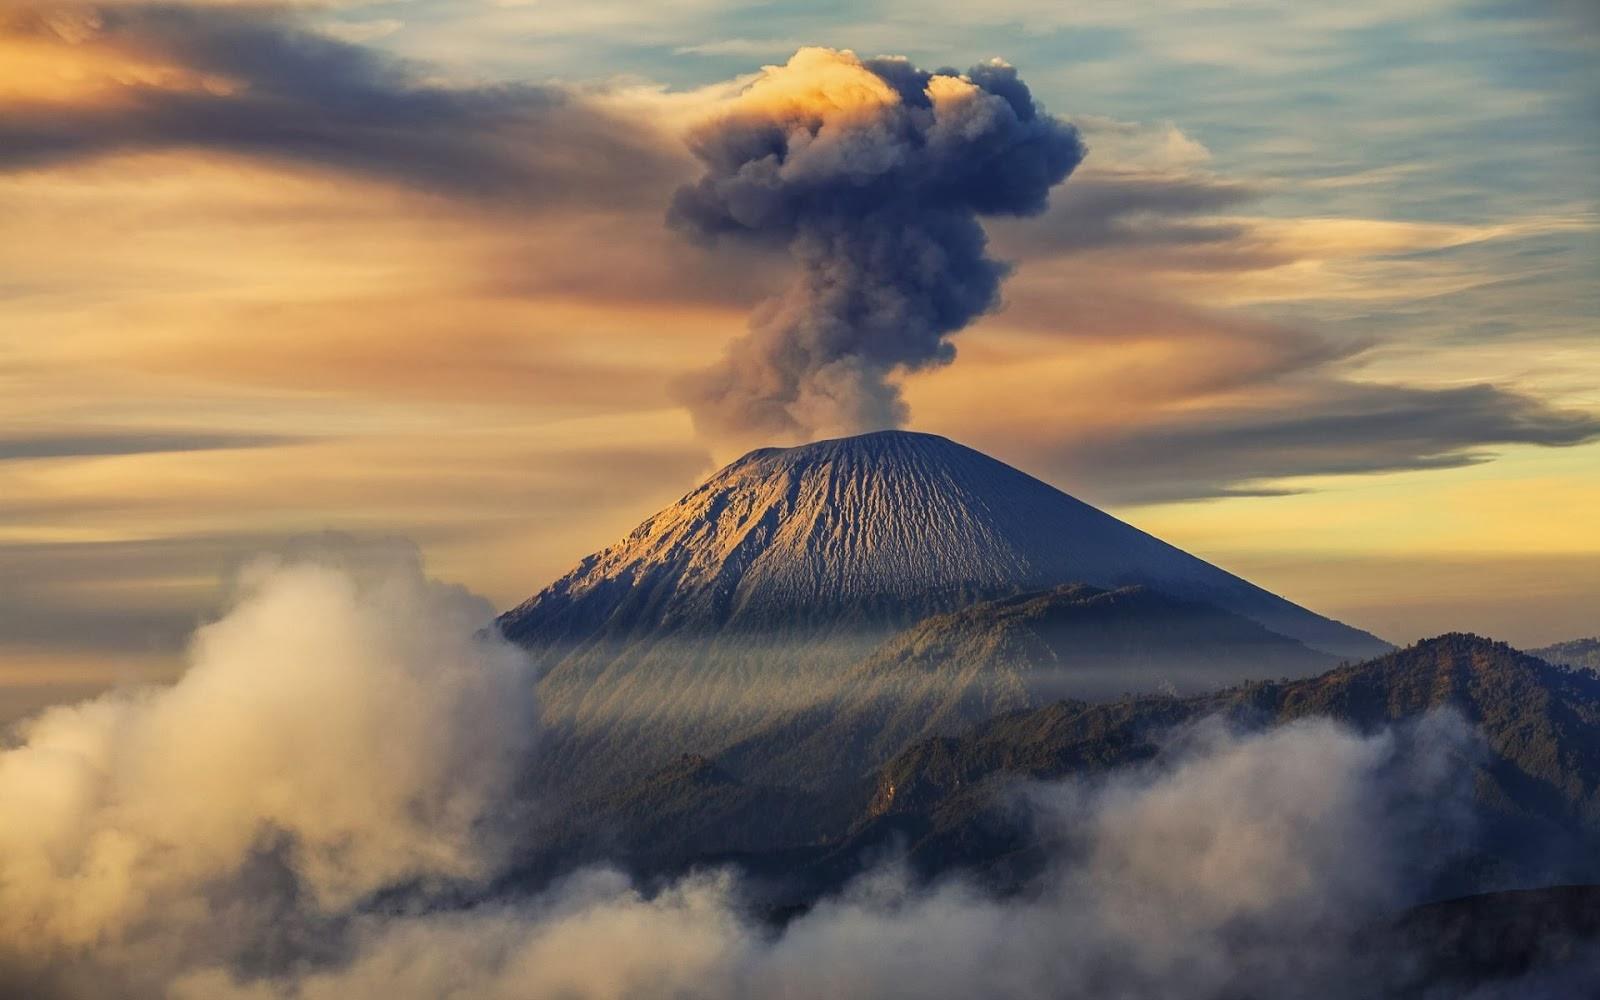 Wisata alam Gunung Semeru dan Legendanya